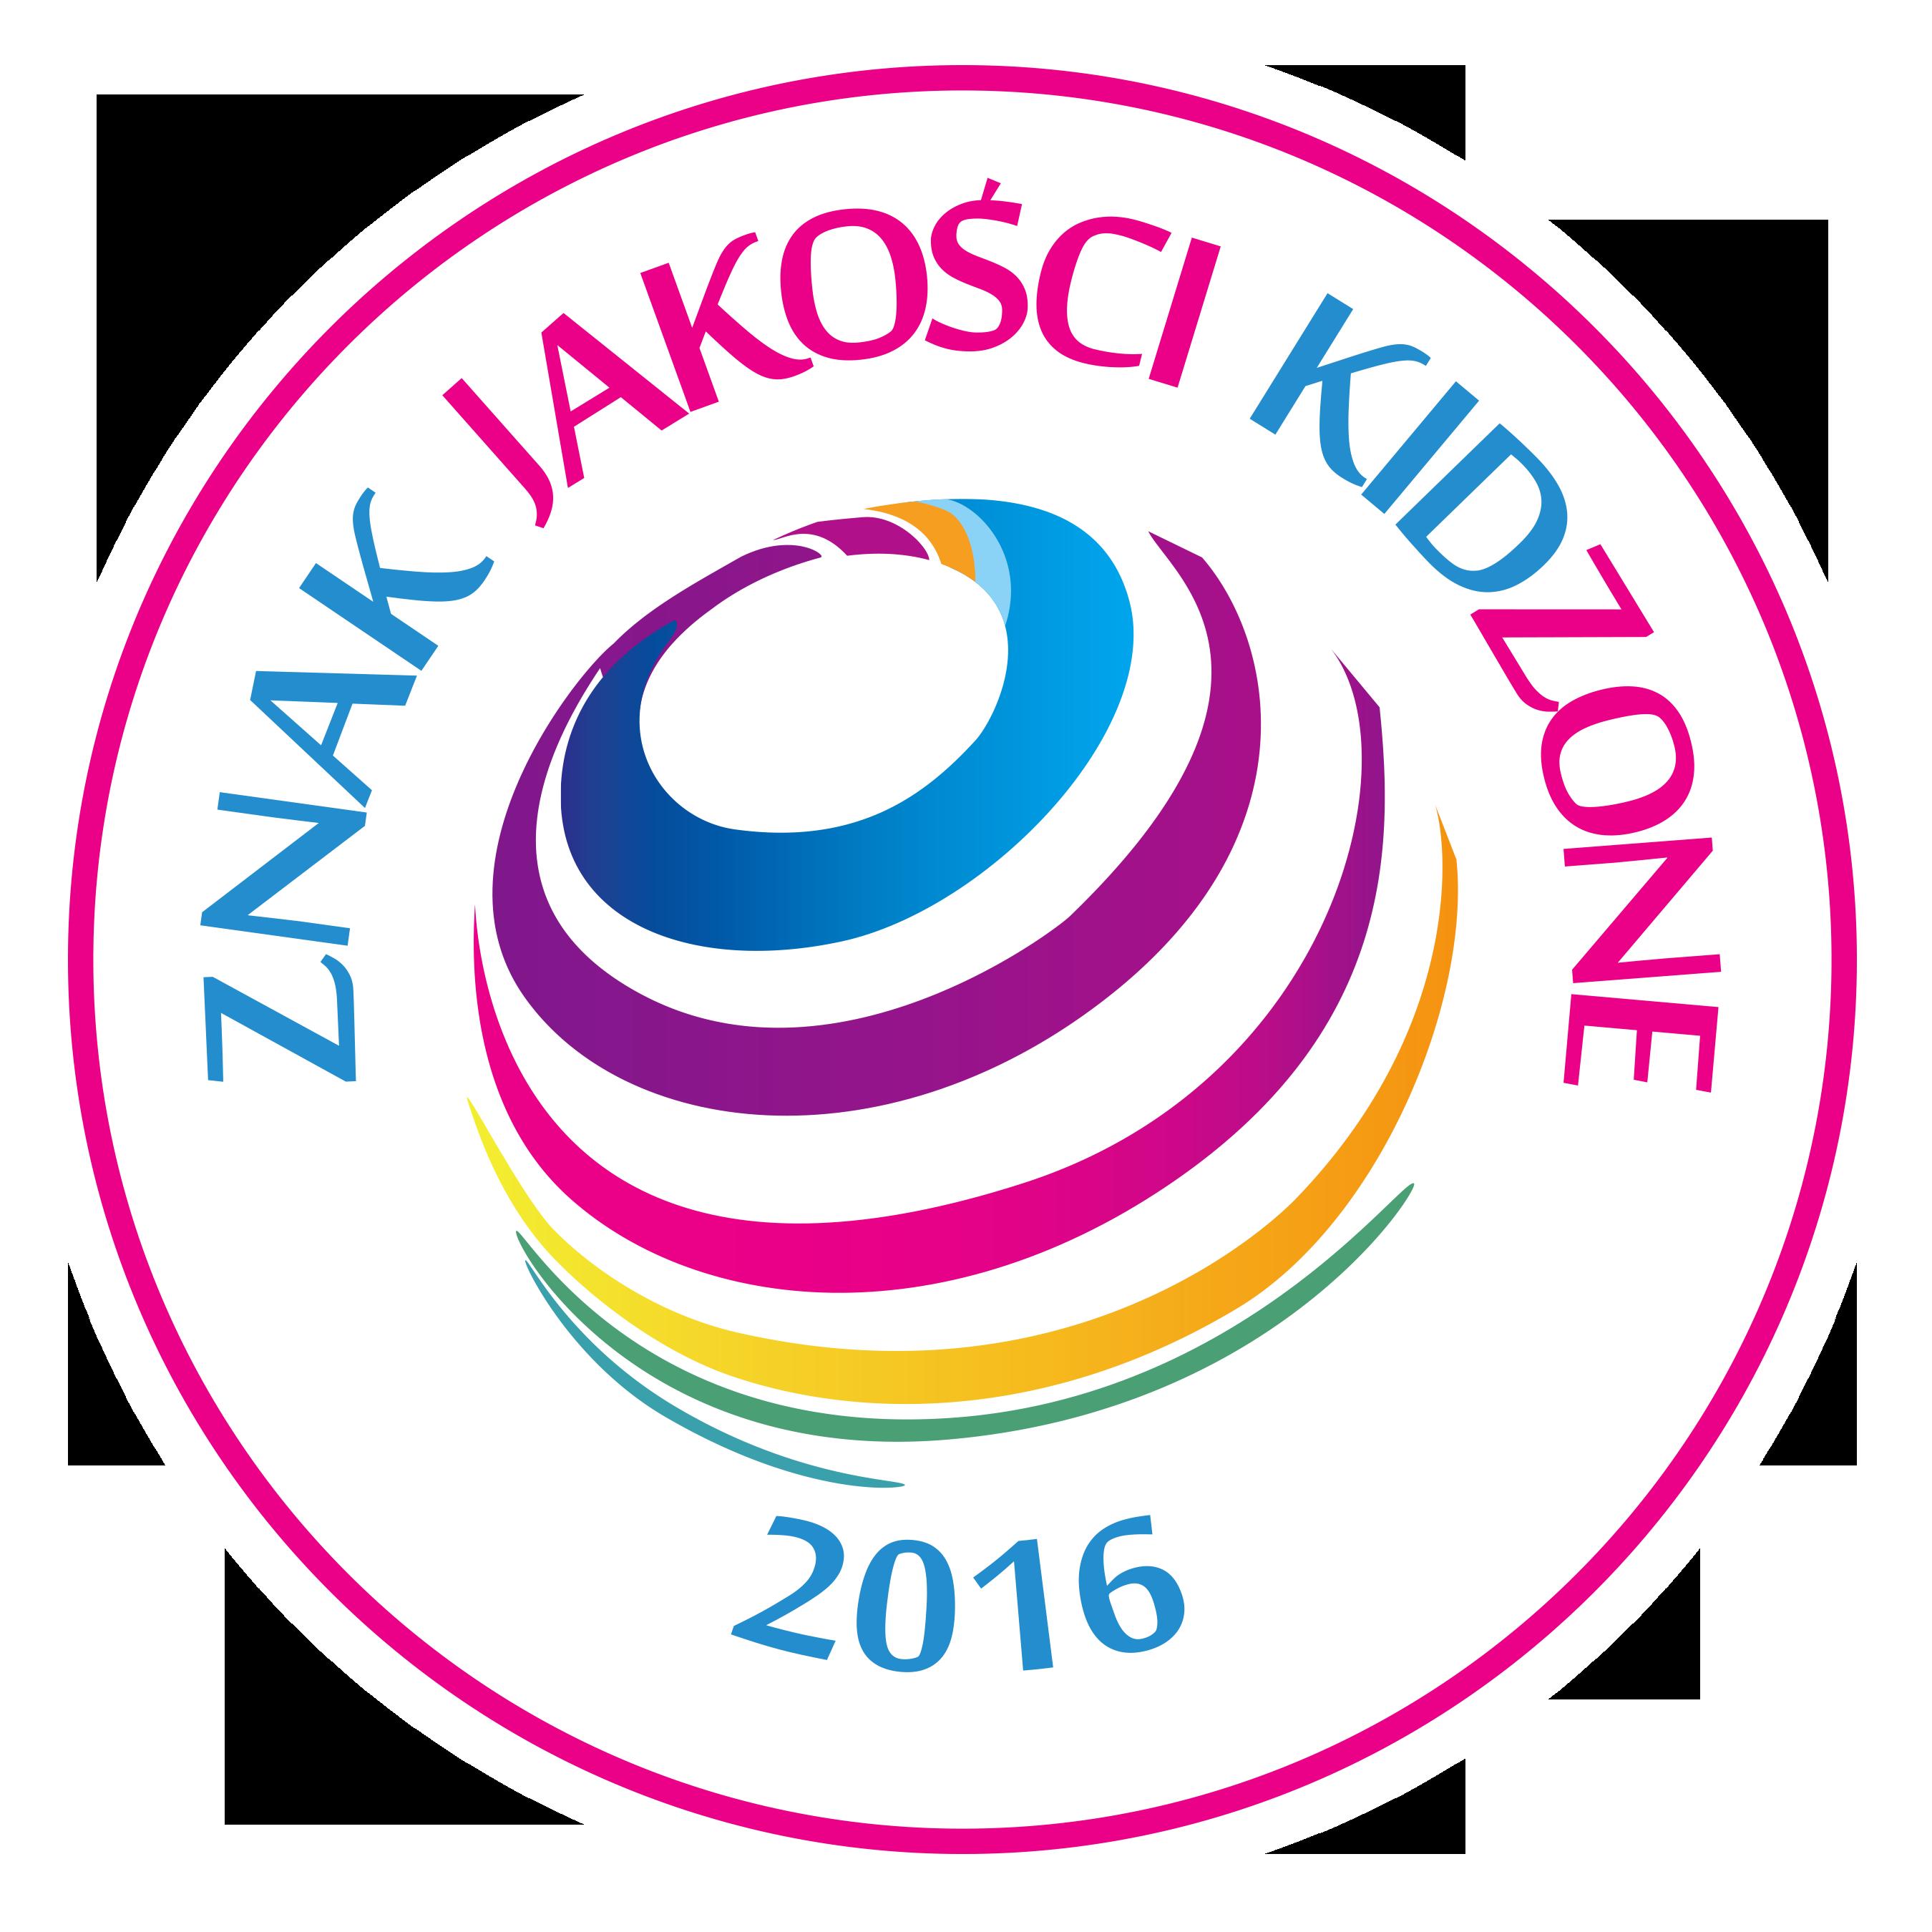 Znak Jakosc iKidZone 2016 wyróżnienia dla firm przyjaznych dzieciom